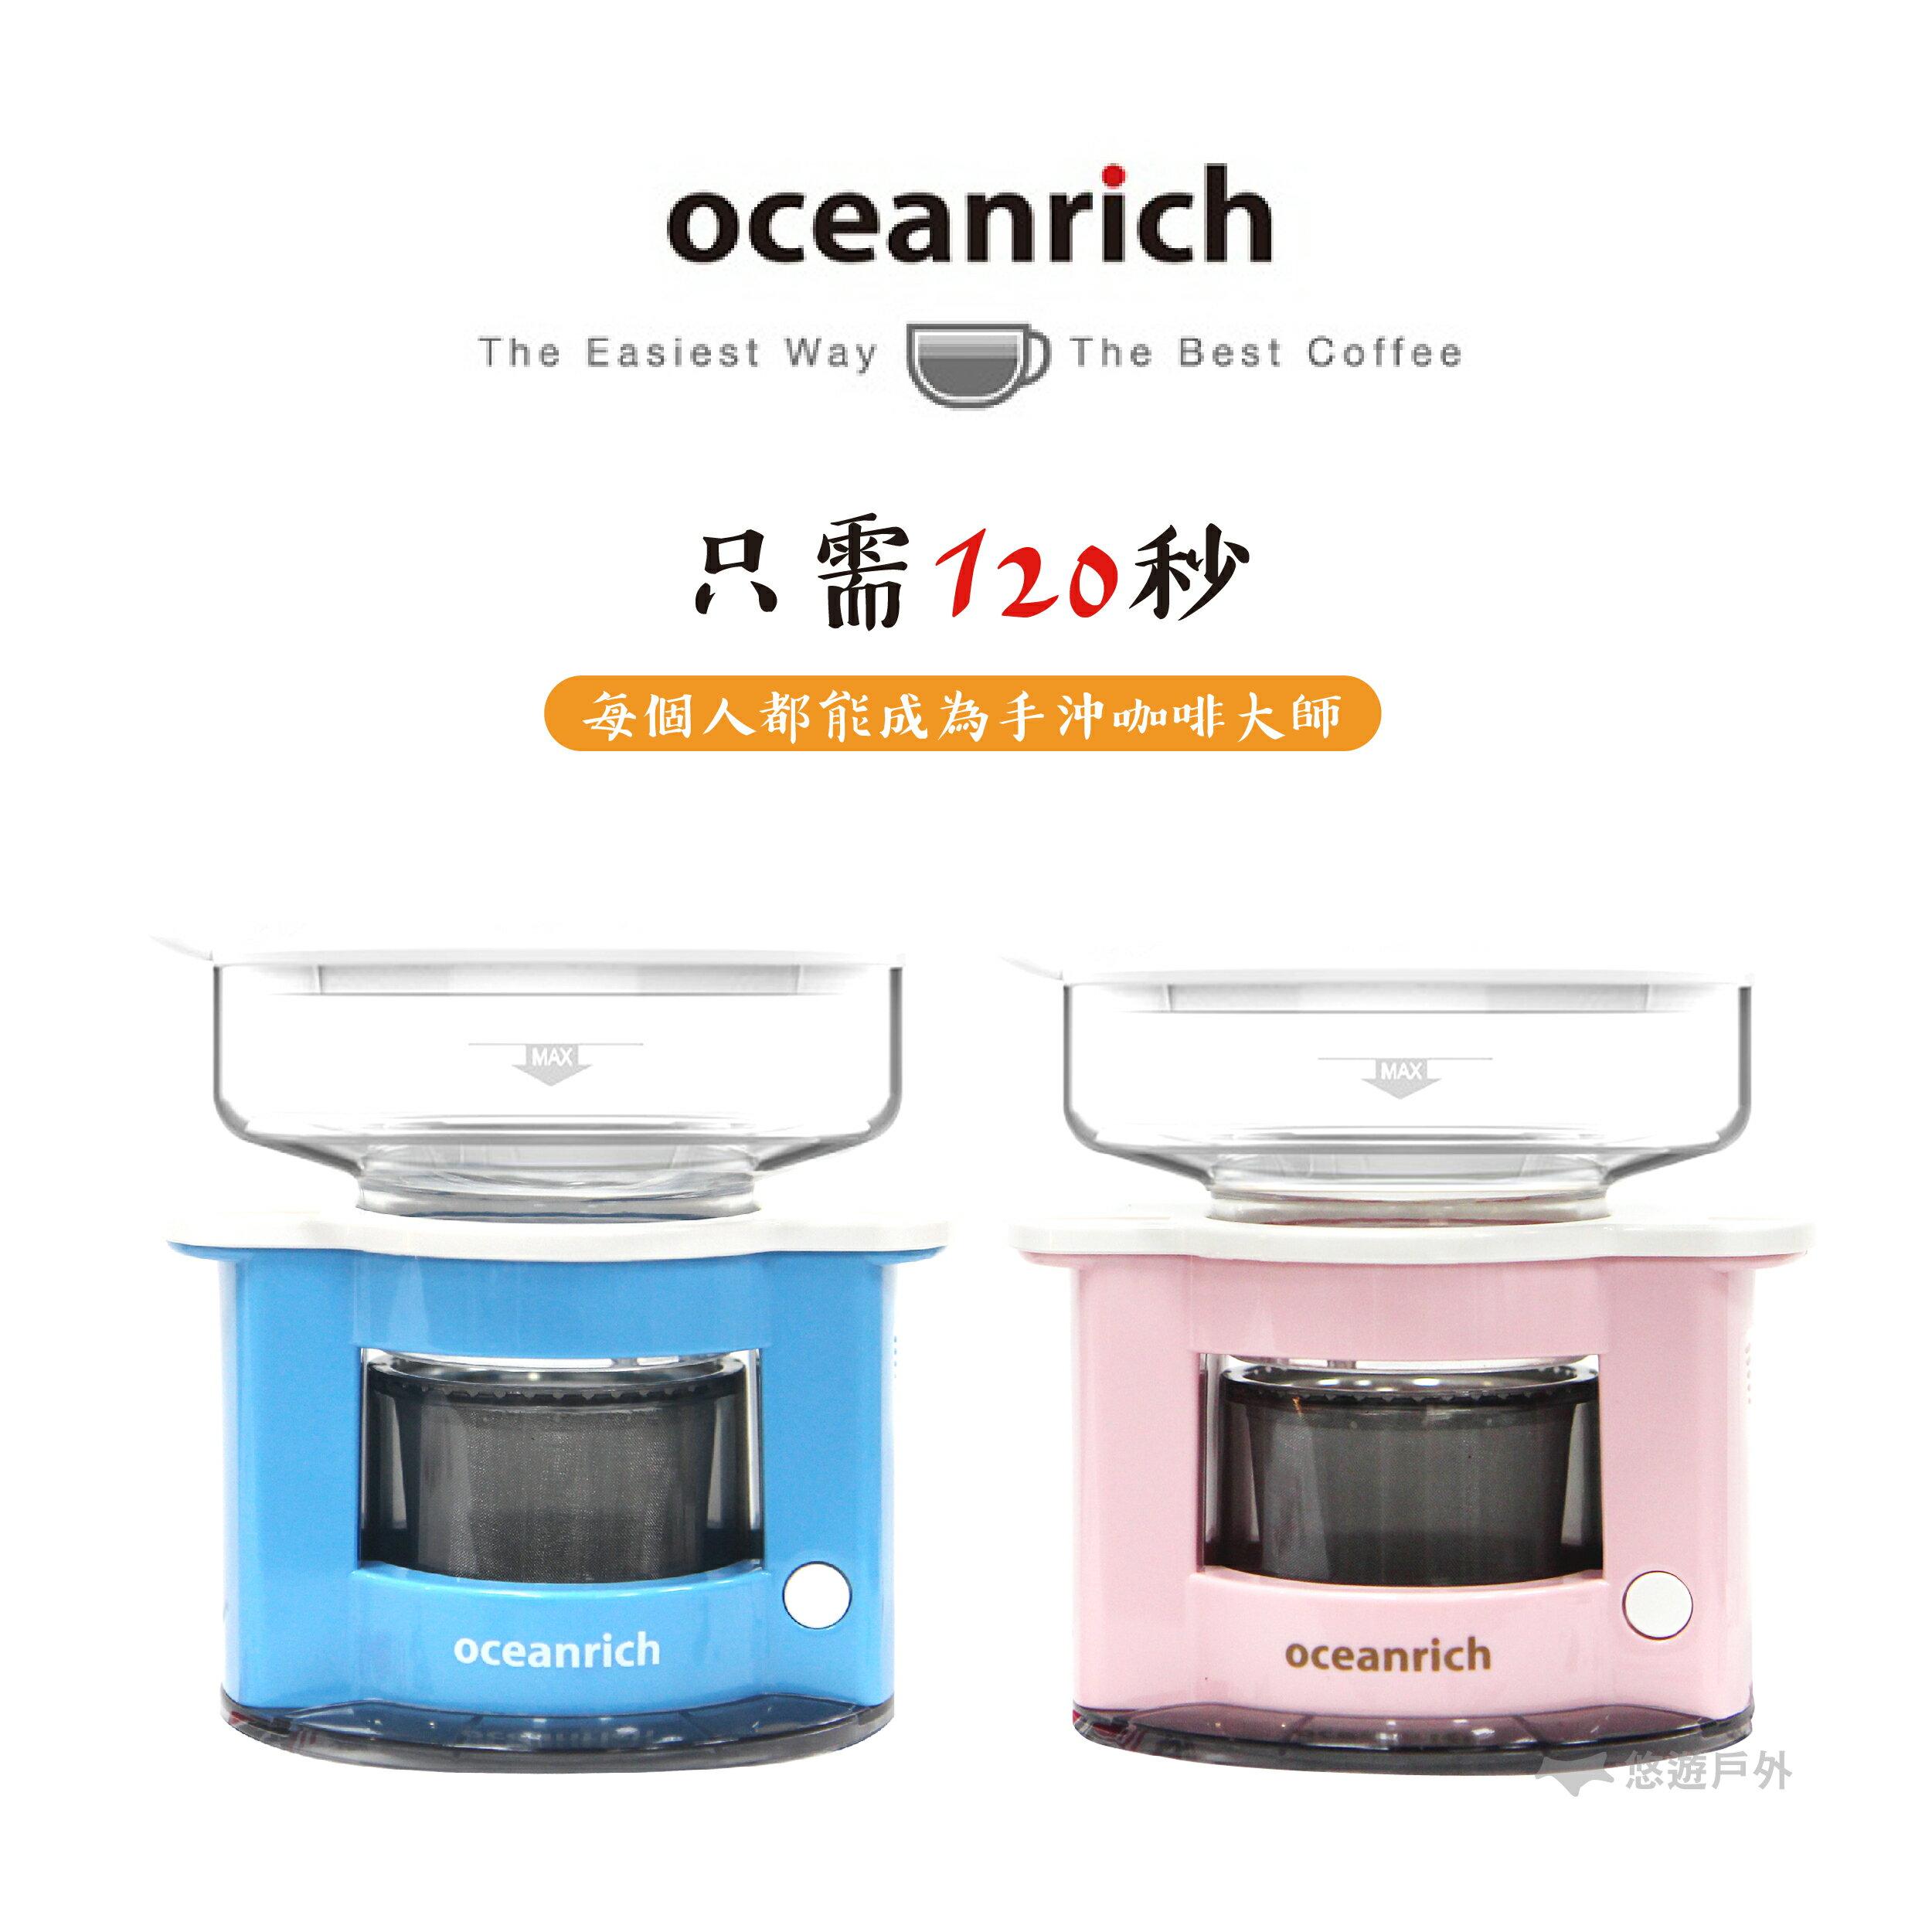 【贈濾紙】免運公司貨 手沖咖啡機S2 升級版 Oceanrich歐新力奇 旋轉咖啡機 完美萃取 mini